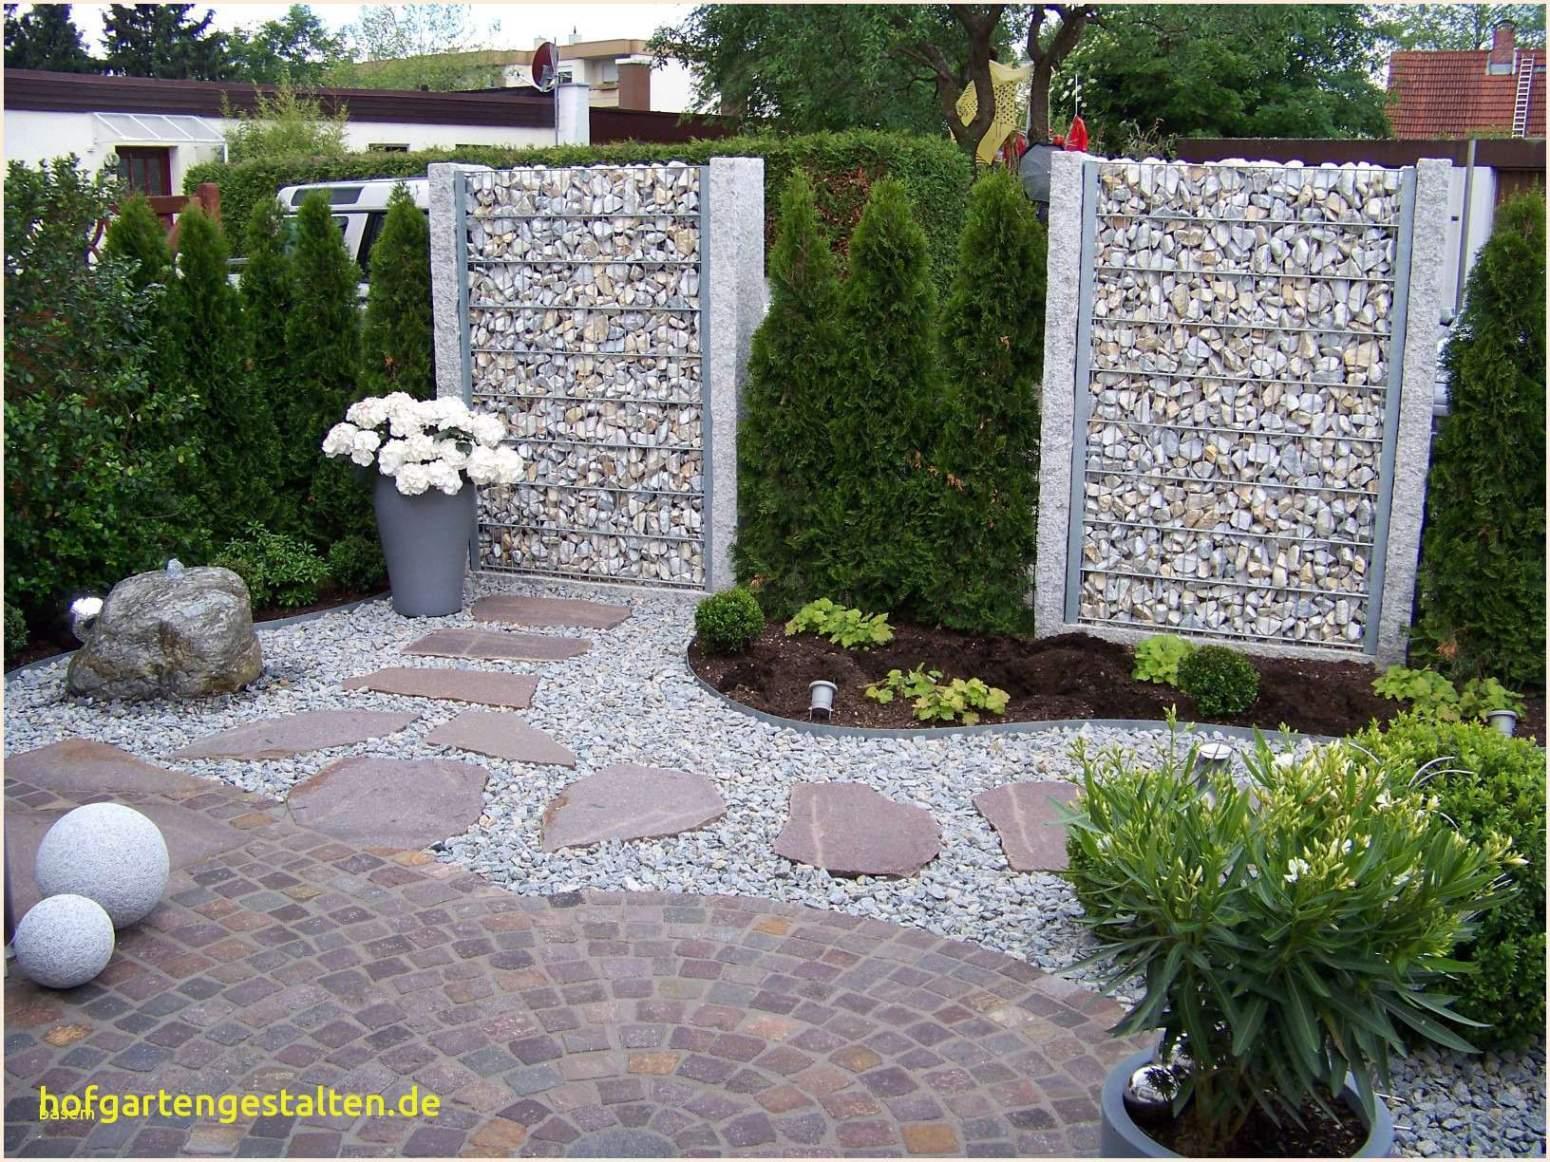 Mein Schöner Garten Zeitschrift Neu Pflanzen Als Sichtschutz Im Kübel — Temobardz Home Blog